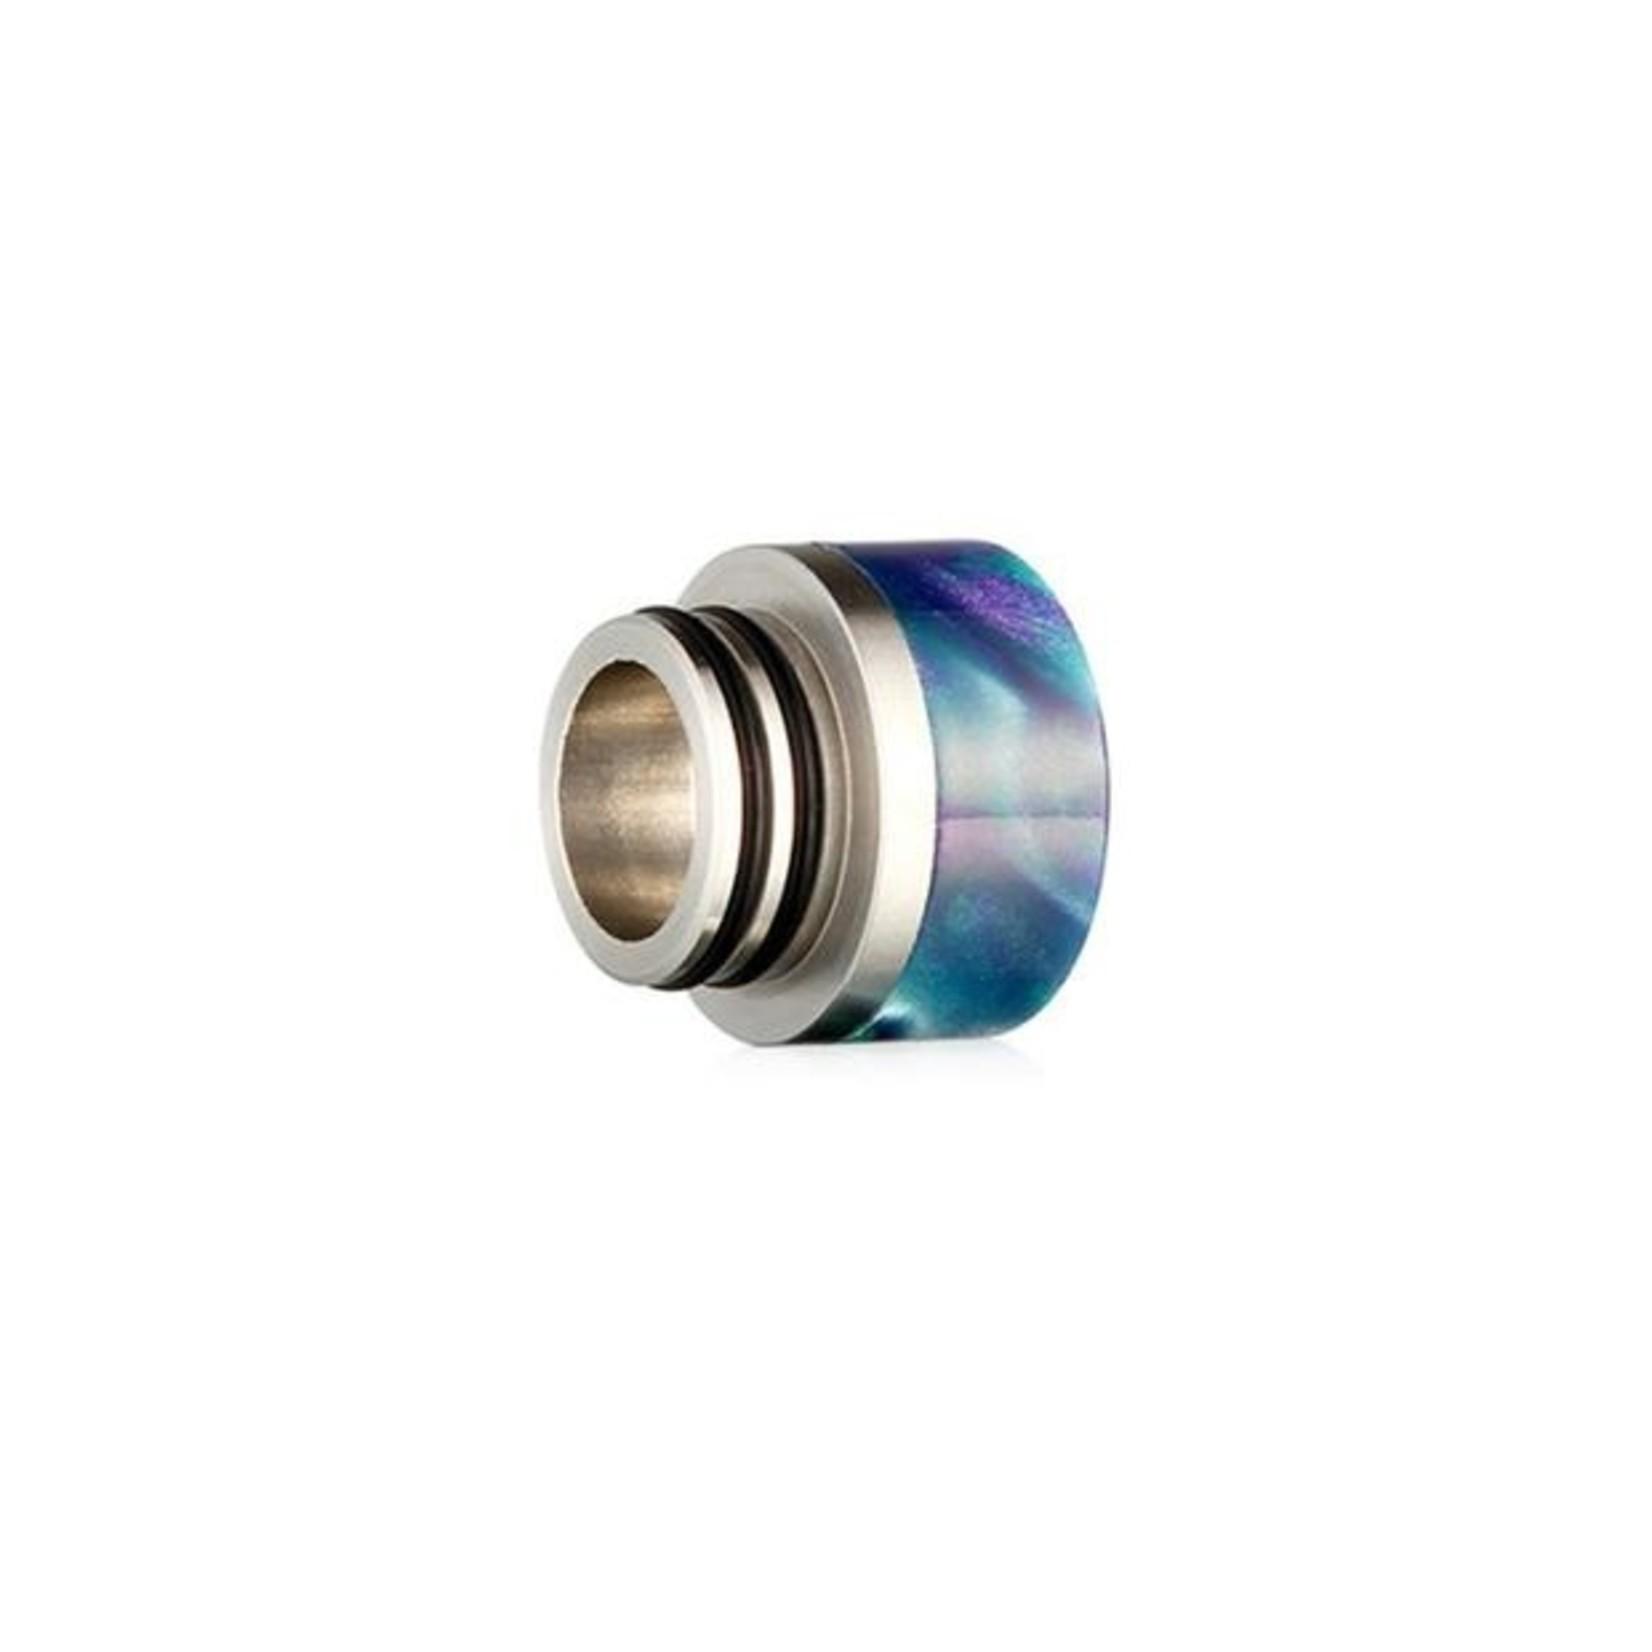 510 Drip Tip - 510 Screw Resin